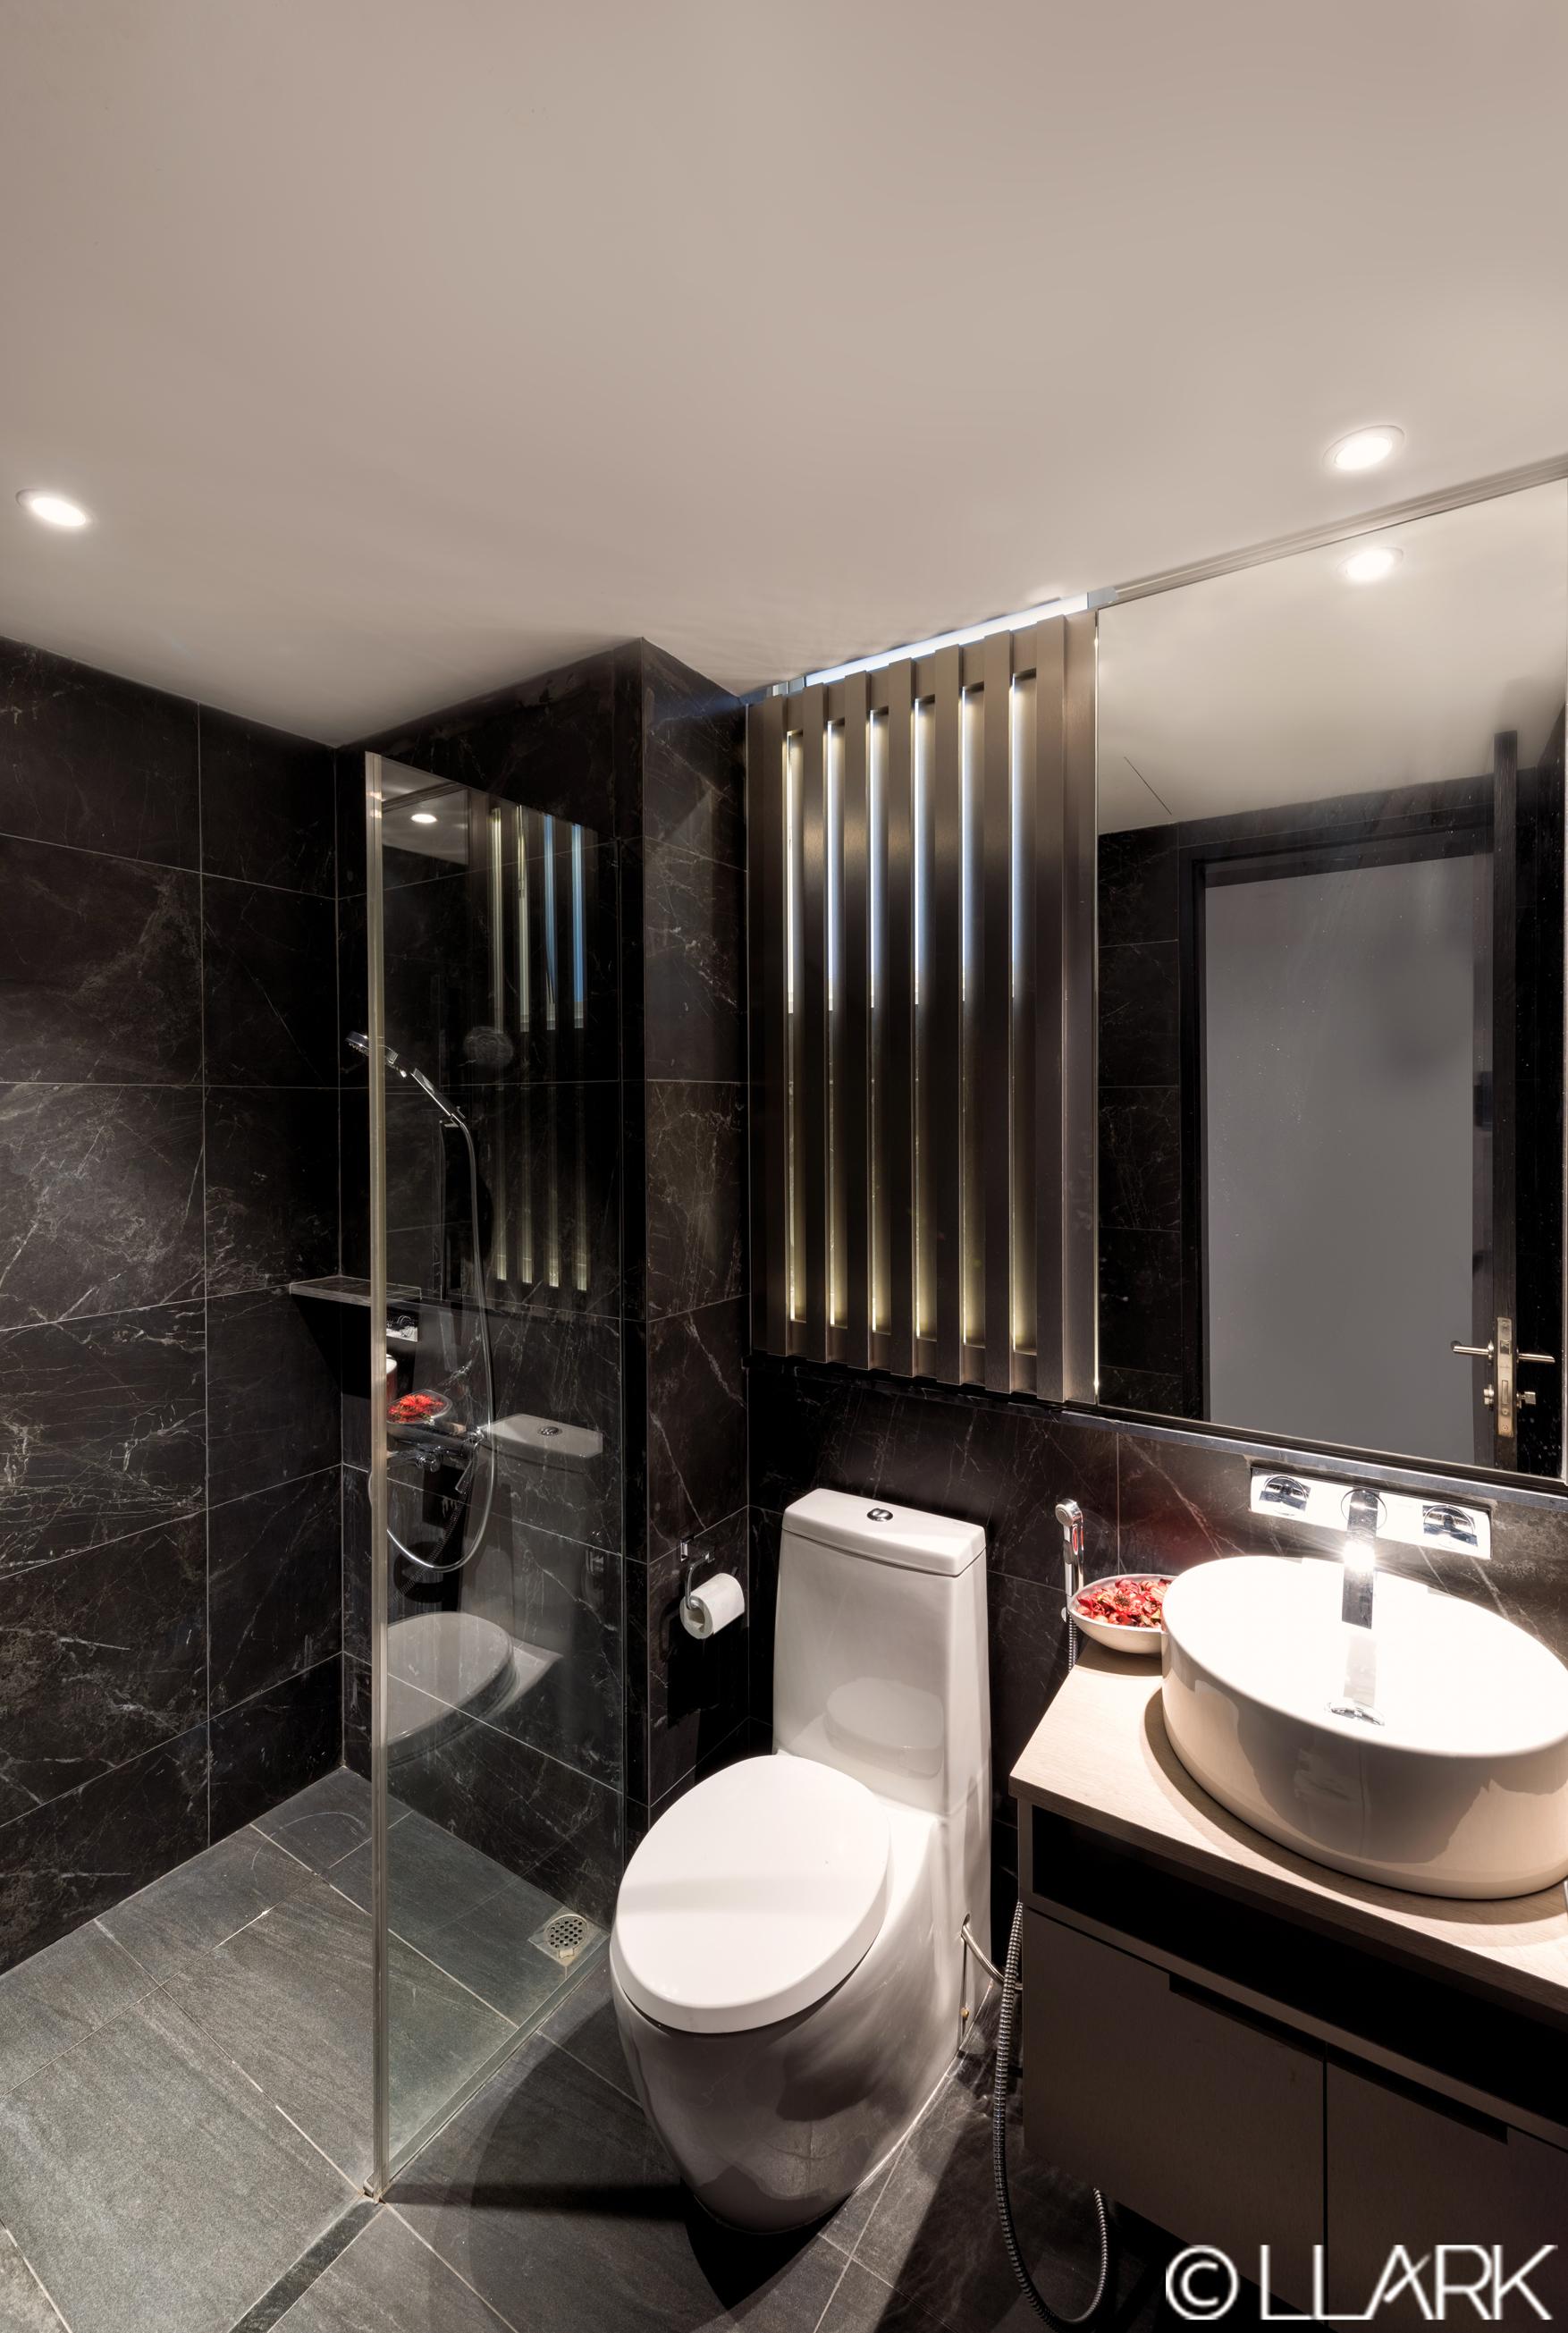 LLARK_AALTO_Guest Bath_R.jpg